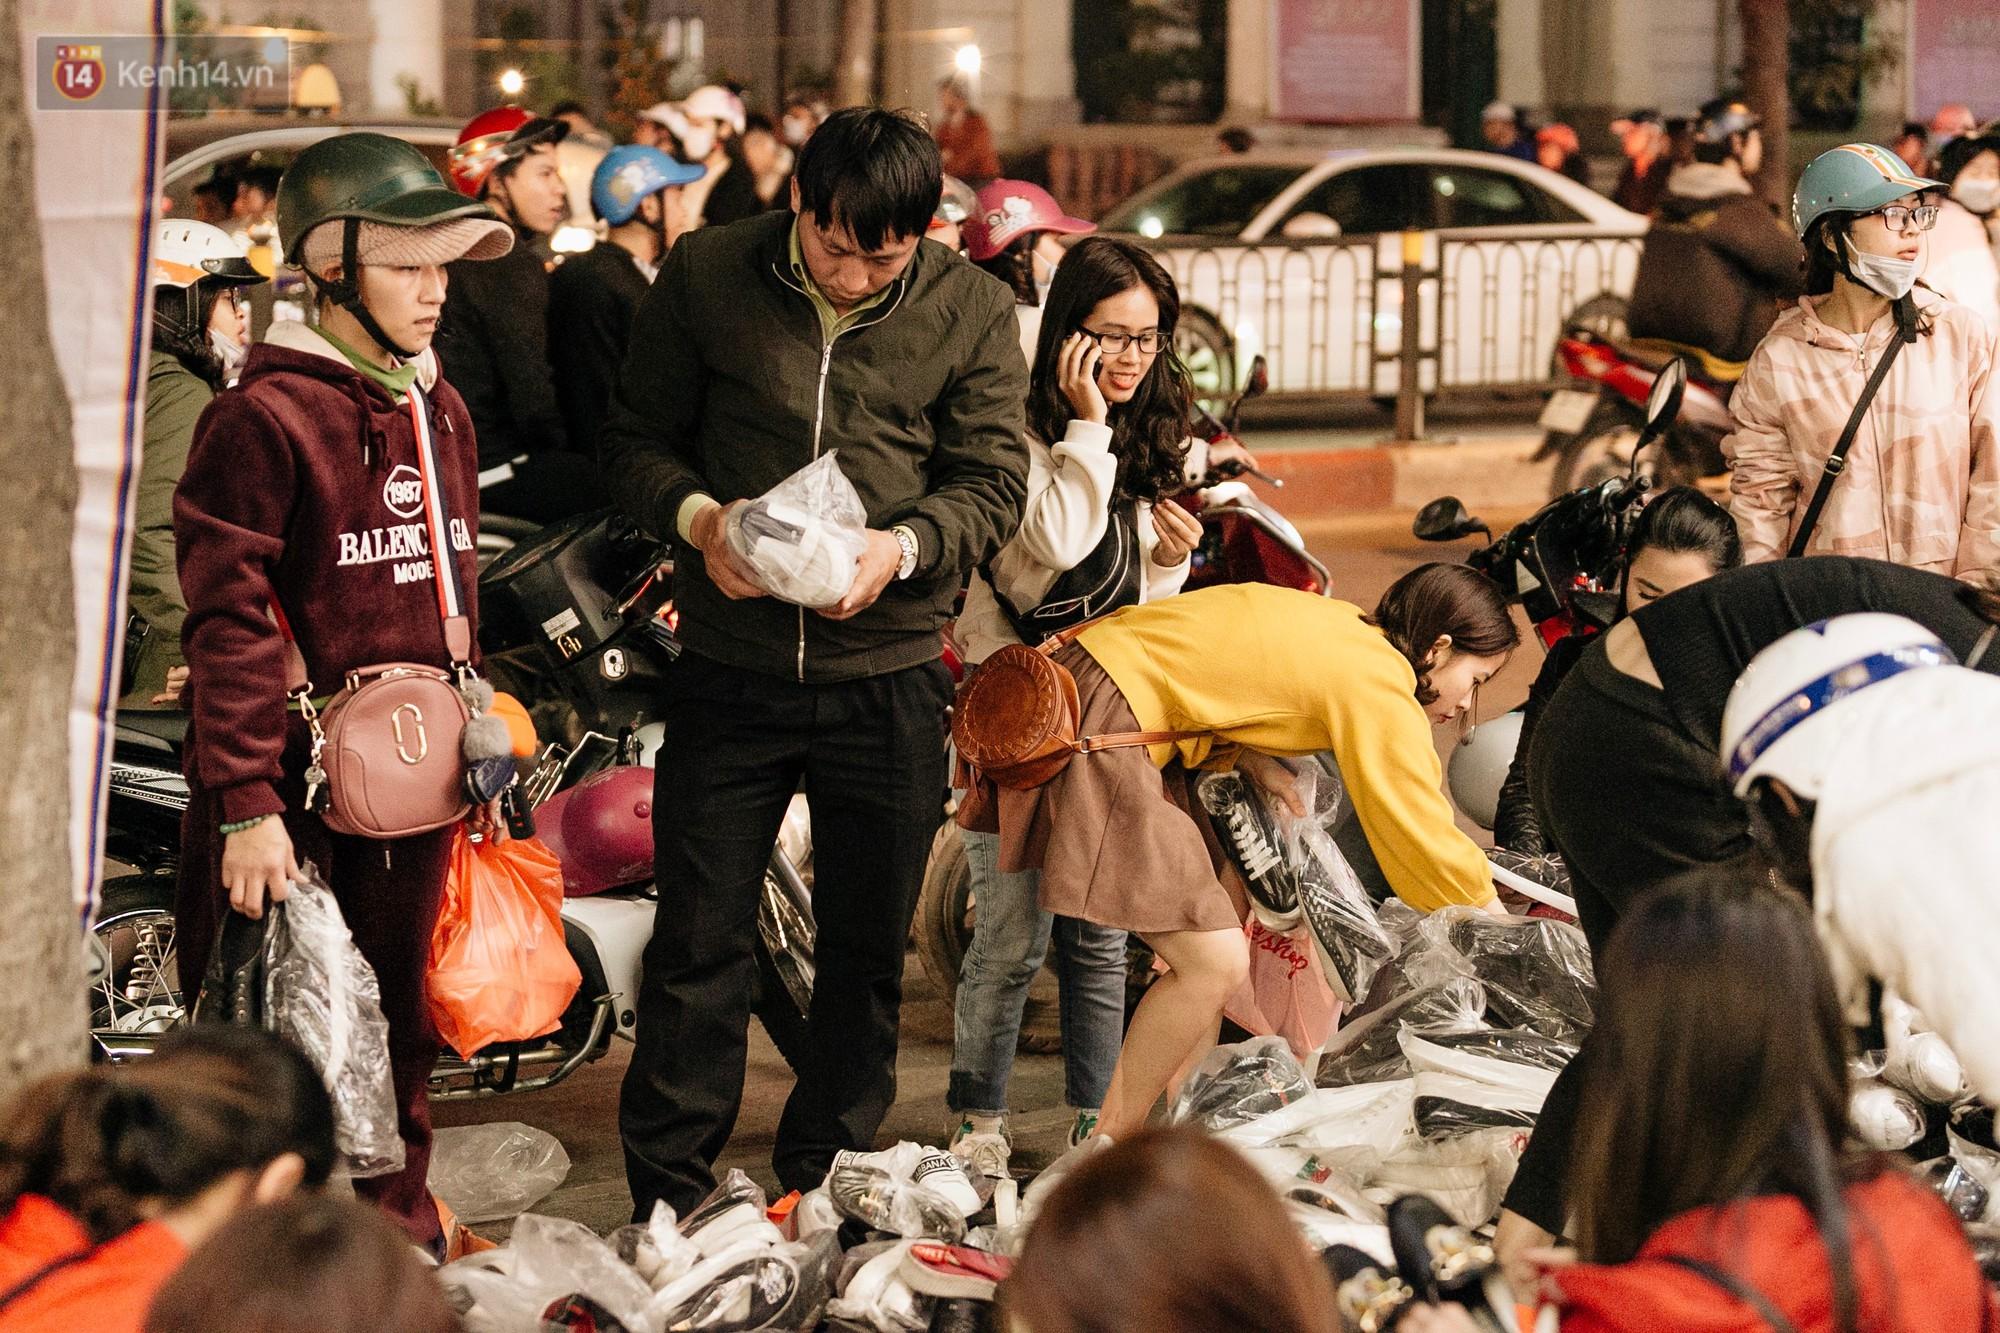 Vỉa hè Hà Nội trở thành chợ thời trang, trẻ em ngồi thùng xếp phụ bố mẹ bán hàng ngày cận Tết - Ảnh 14.